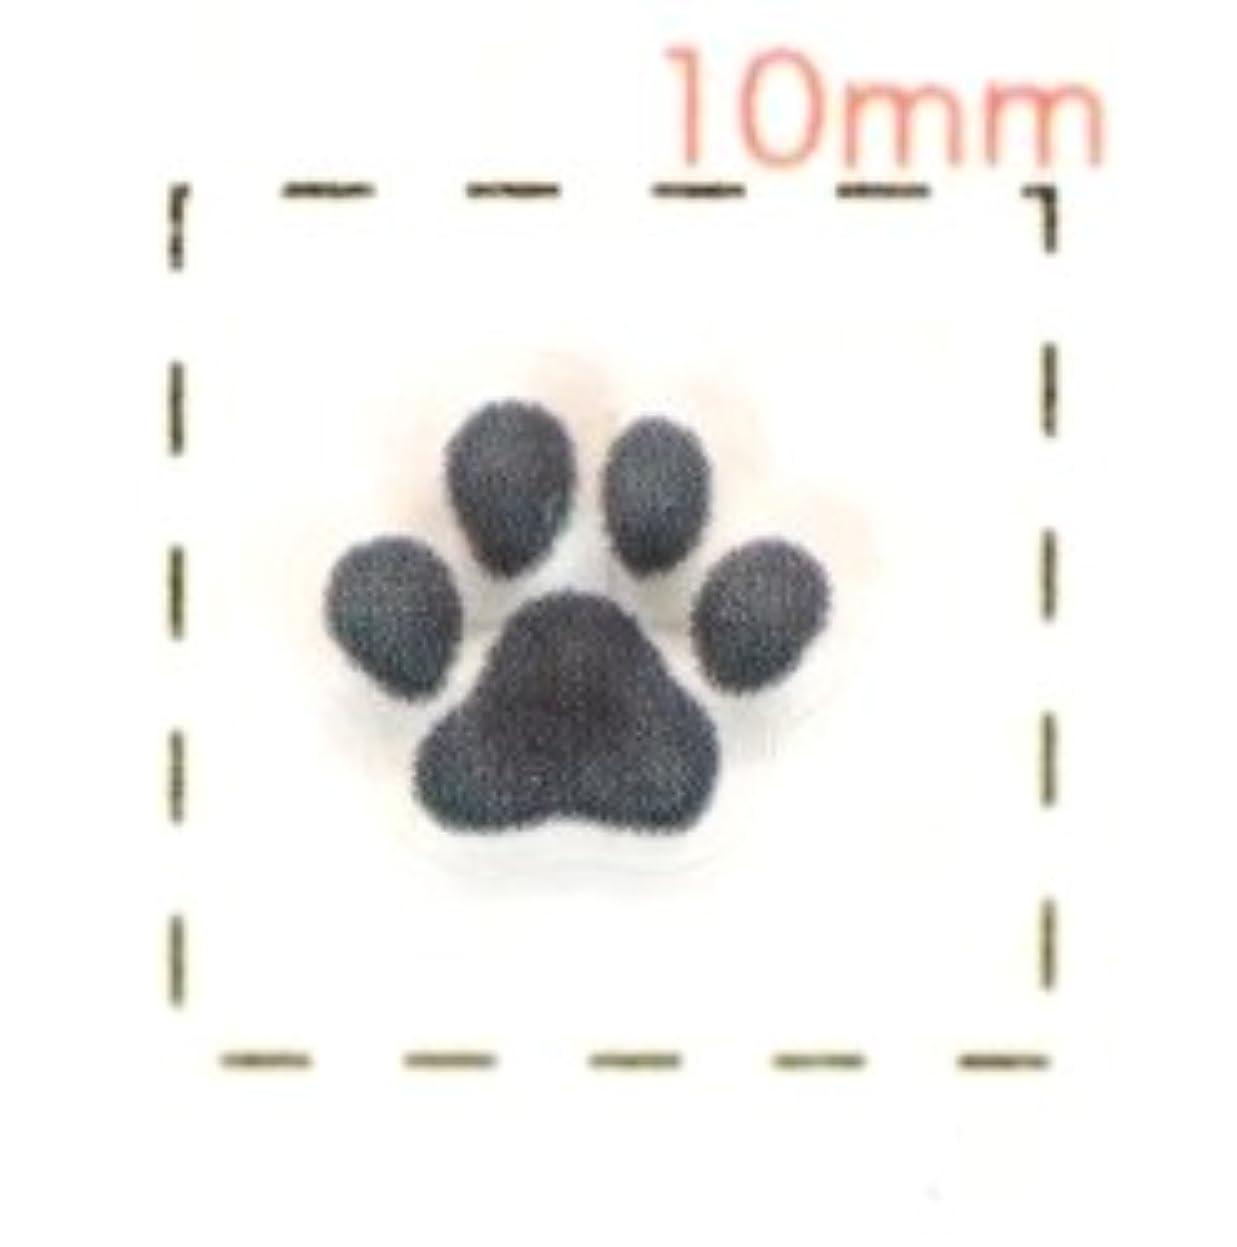 恐ろしい警報満足犬の足跡(肉球)【ドッグ ネイルシール】(1)ブラック/1シート16枚